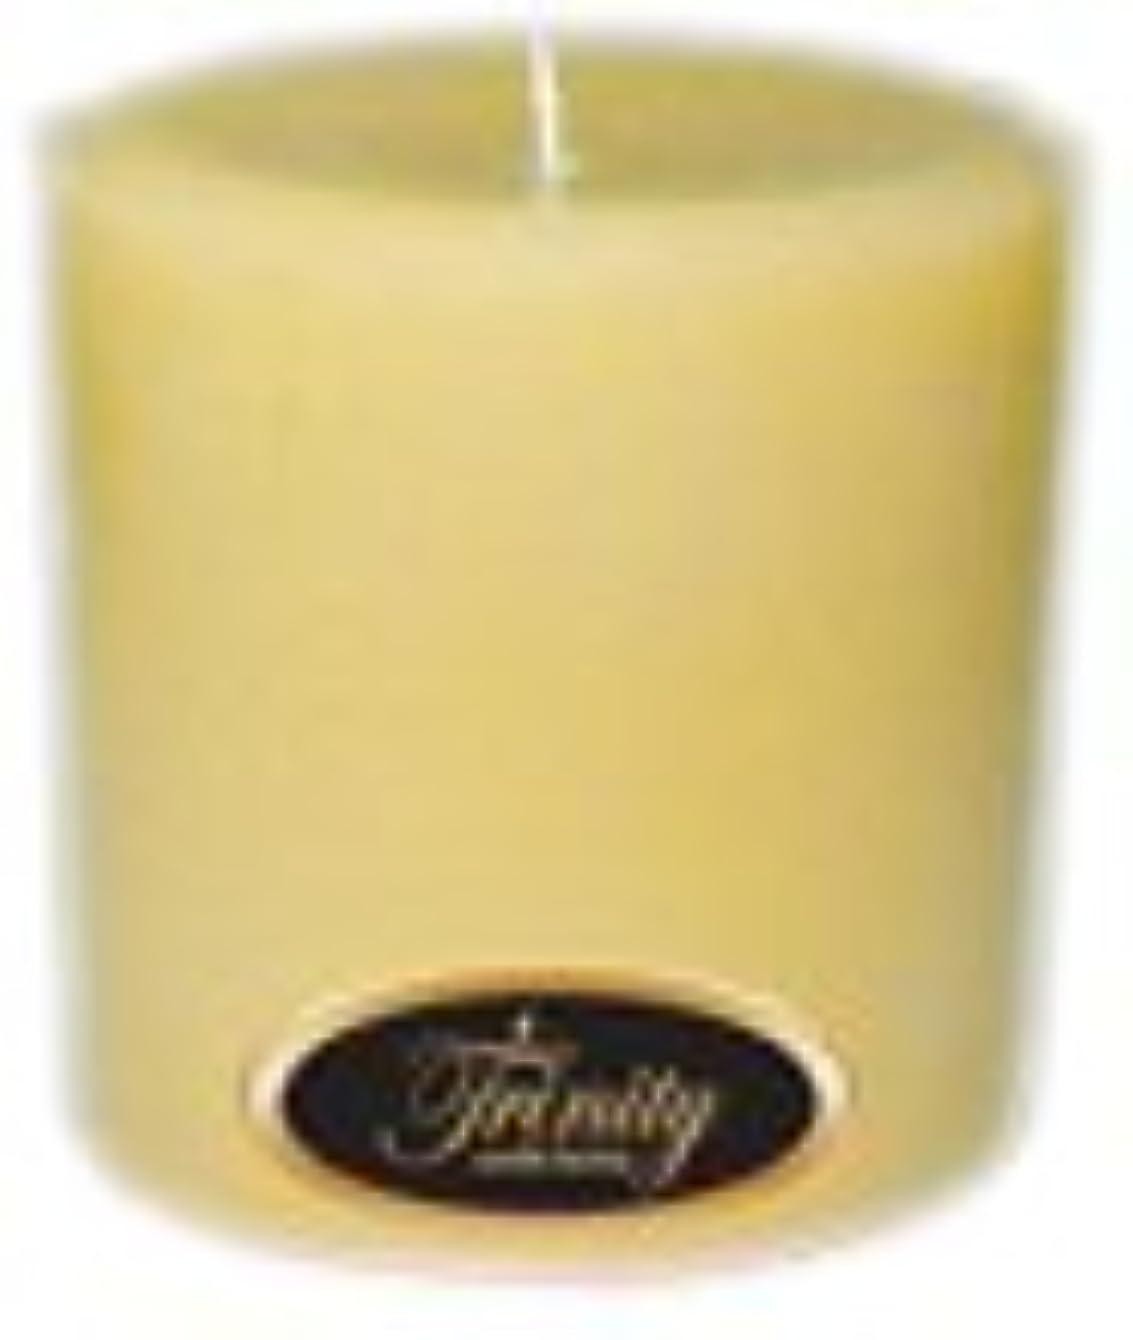 びん禁止する荷物Trinity Candle工場 – クリーミーバニラ – Pillar Candle – 4 x 4